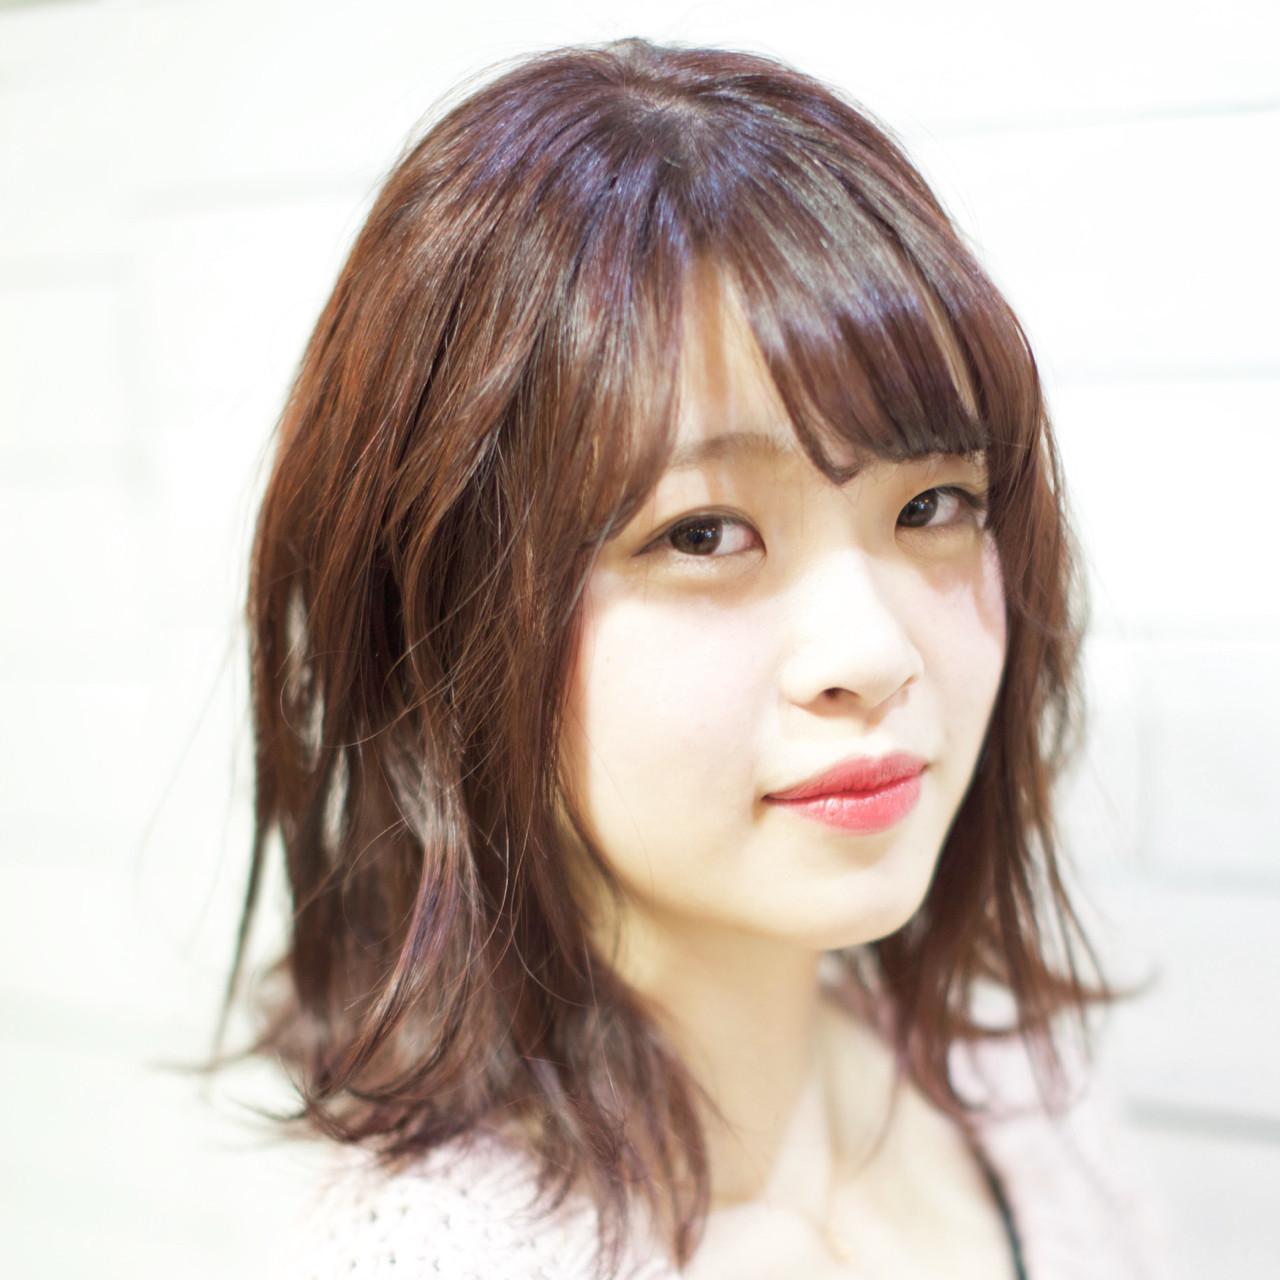 ベリーピンク×ブラウンのおしゃれヘアスタイル 武久 誠 | savian hair garelly